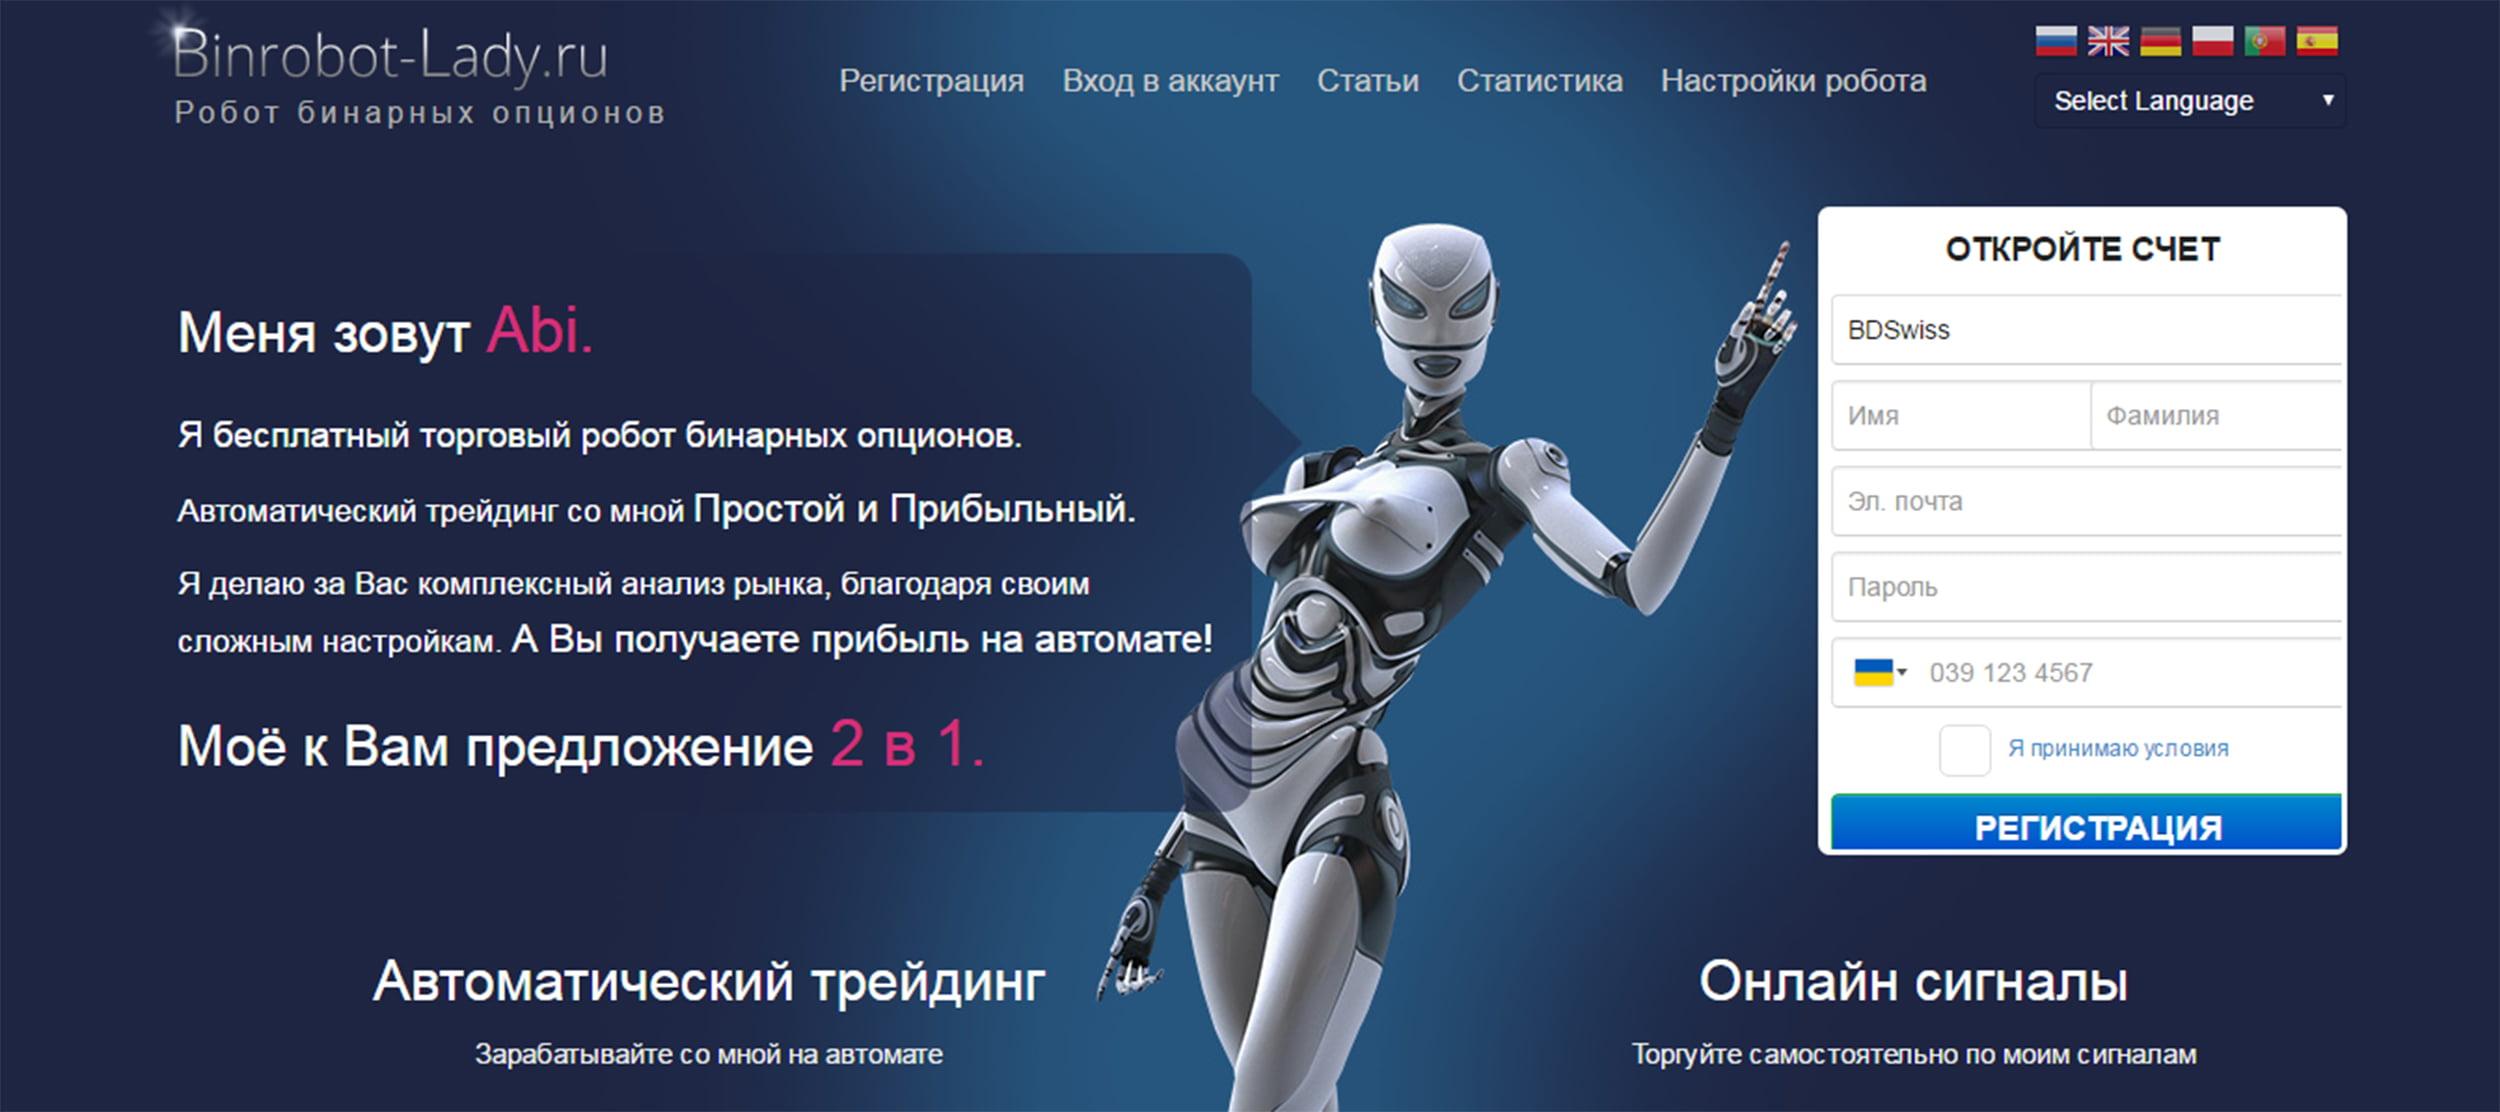 Робот бинарных опционов Аби